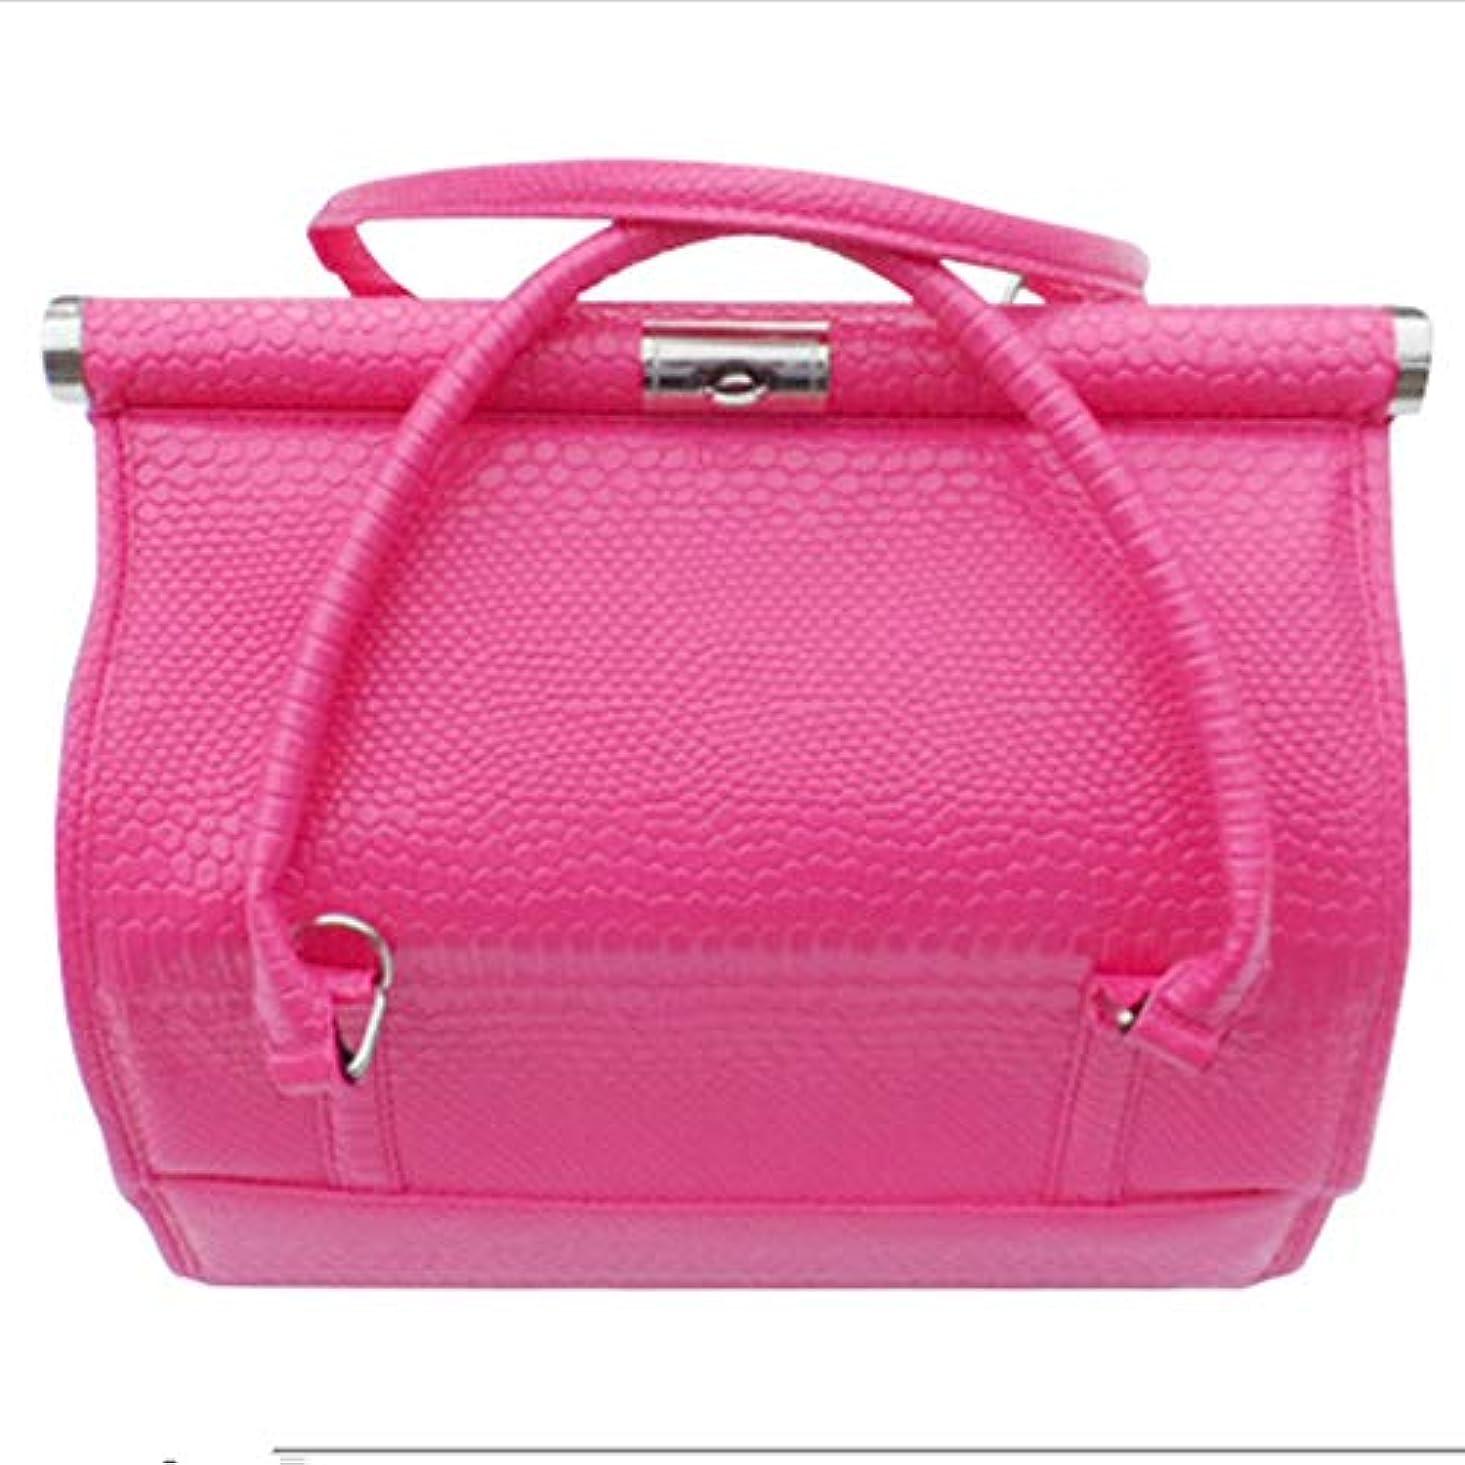 パターン差はっきりしない化粧オーガナイザーバッグ 女性の女性のための美容メイクアップのためのポータブル化粧品バッグ旅行と折り畳みトレイで毎日のストレージ 化粧品ケース